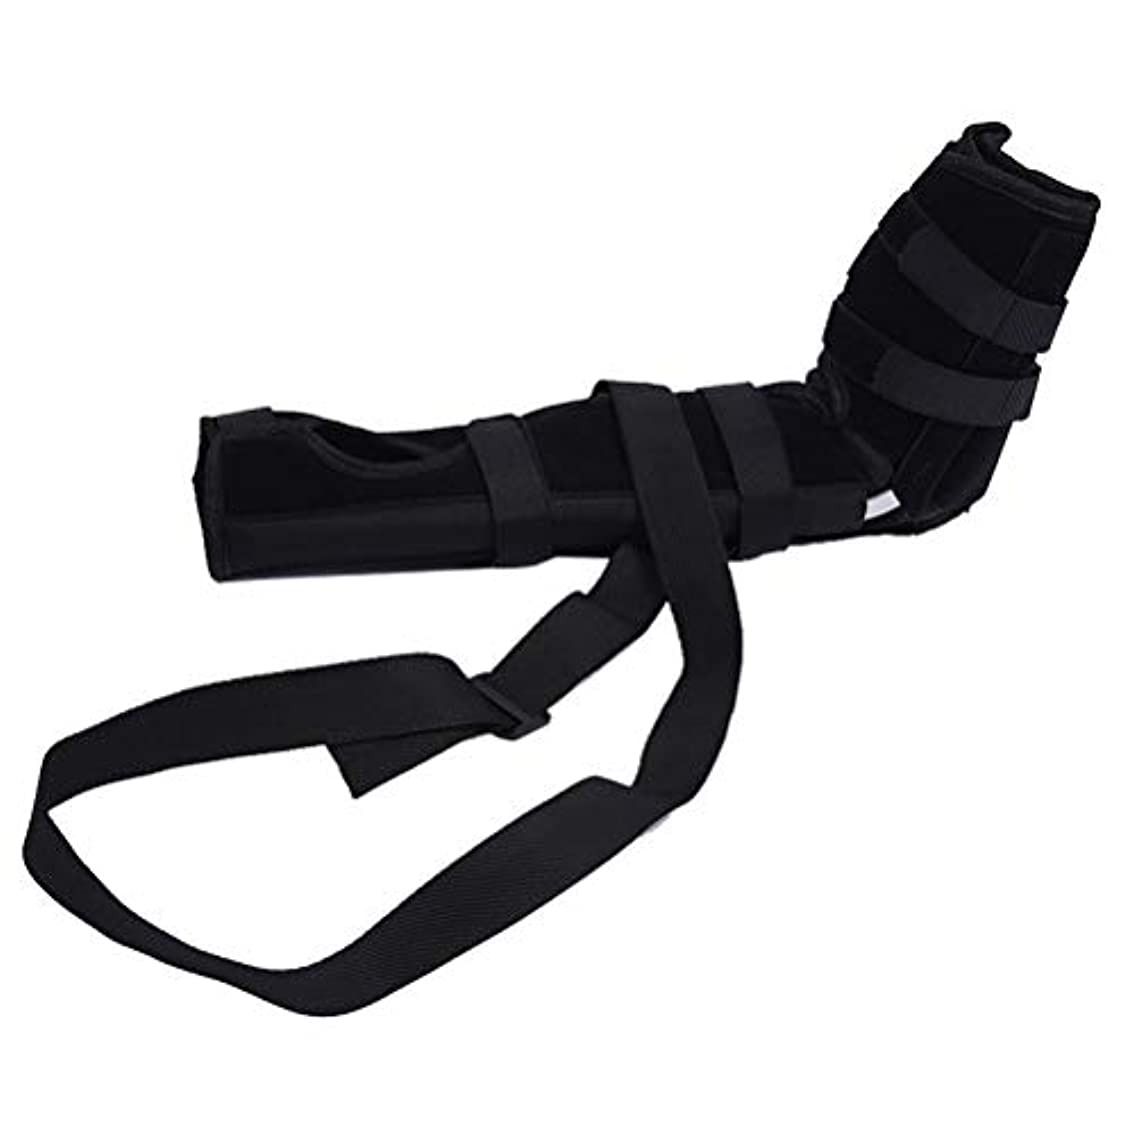 バス深さハンマーSUPVOX 肘ブレース 関節サポート アームリーダー 保護 固定 腕つり 関節 保護 男女兼用 調節可能 通気性 術後ケアブレース(ブラック サイズS)